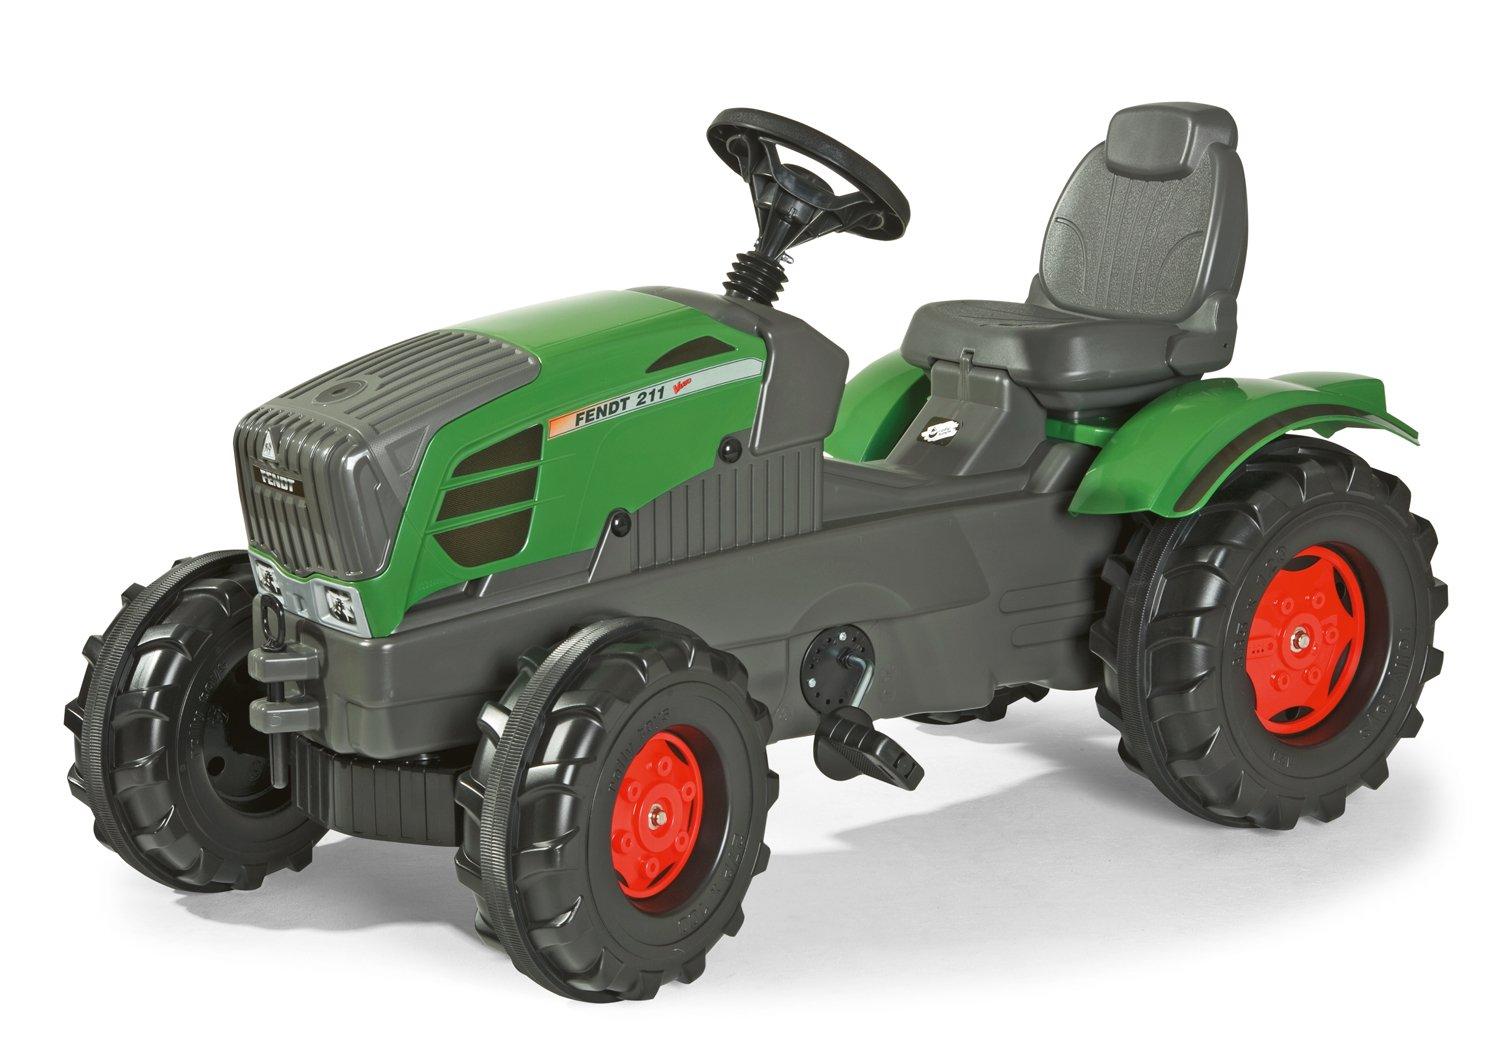 Rolly Toys 601028  Traktor rollyFarmtrac Fendt 211 Vario  SpielzeugKritiken und weitere Infos